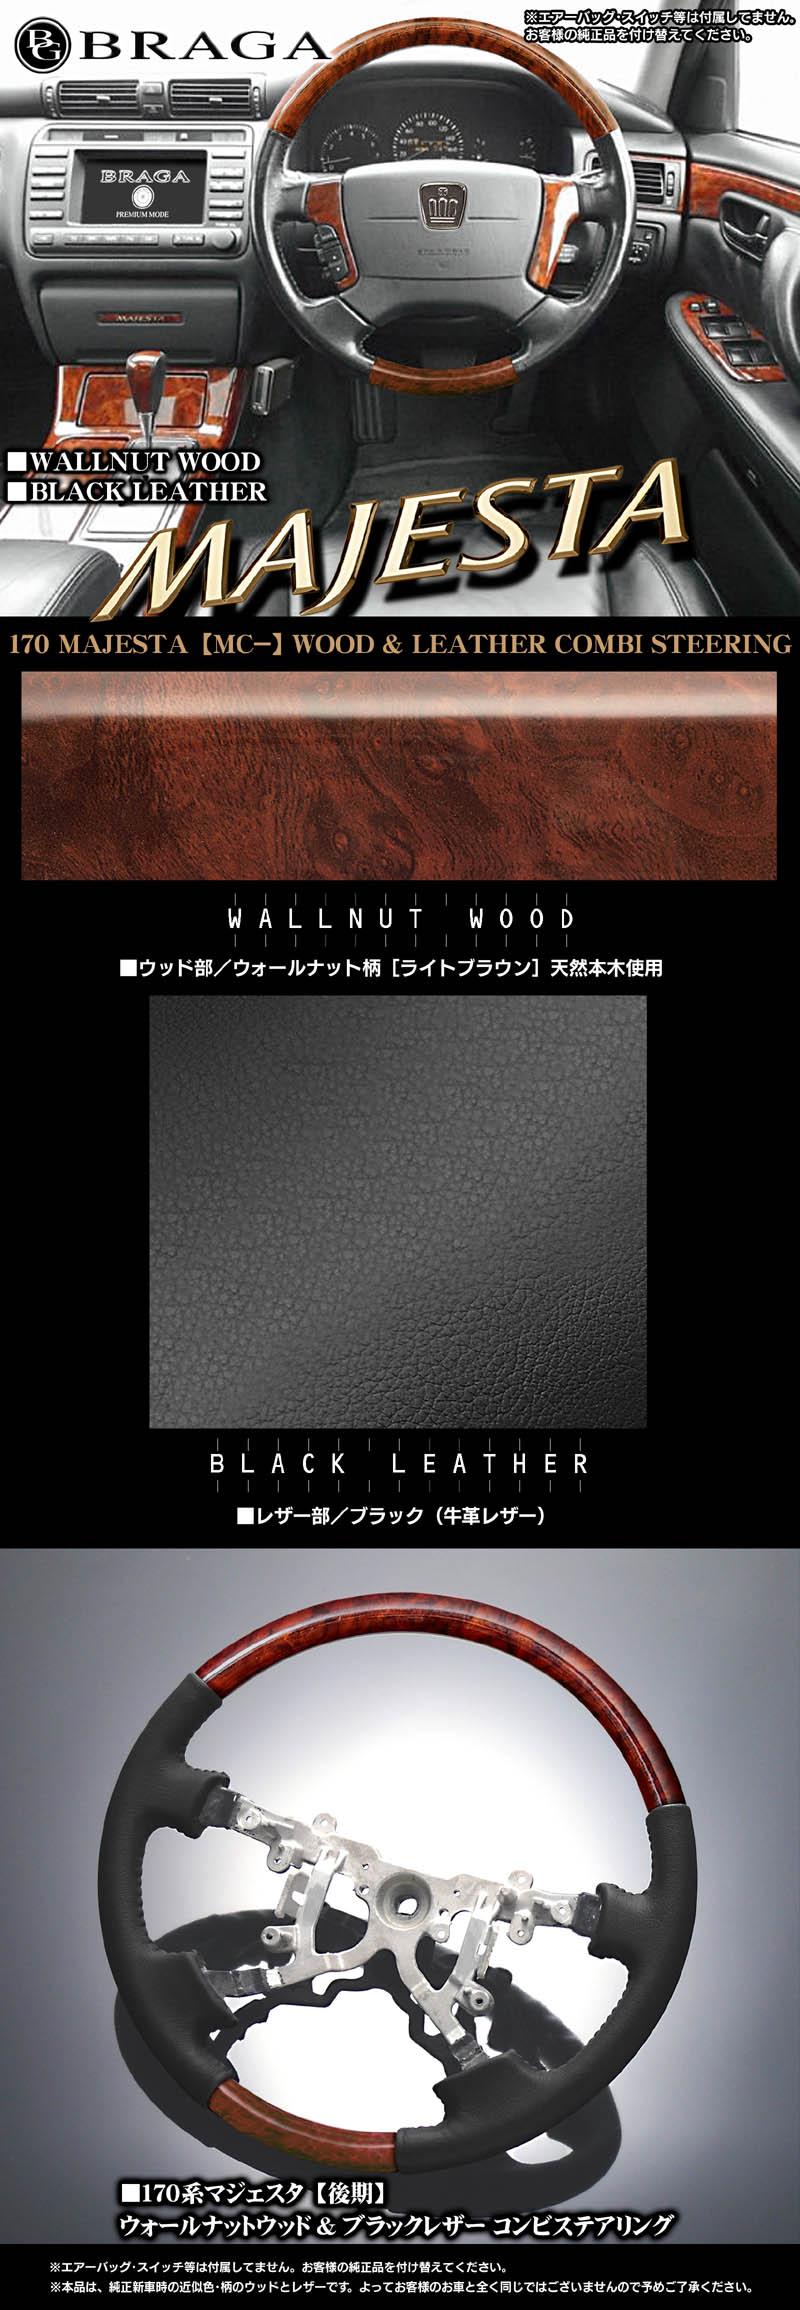 【ブラガ製】170系マジェスタ《後期》ライトウッド(ウォールナット柄)&【ブラック】レザーコンビステアリング/本木目/純正タイプ